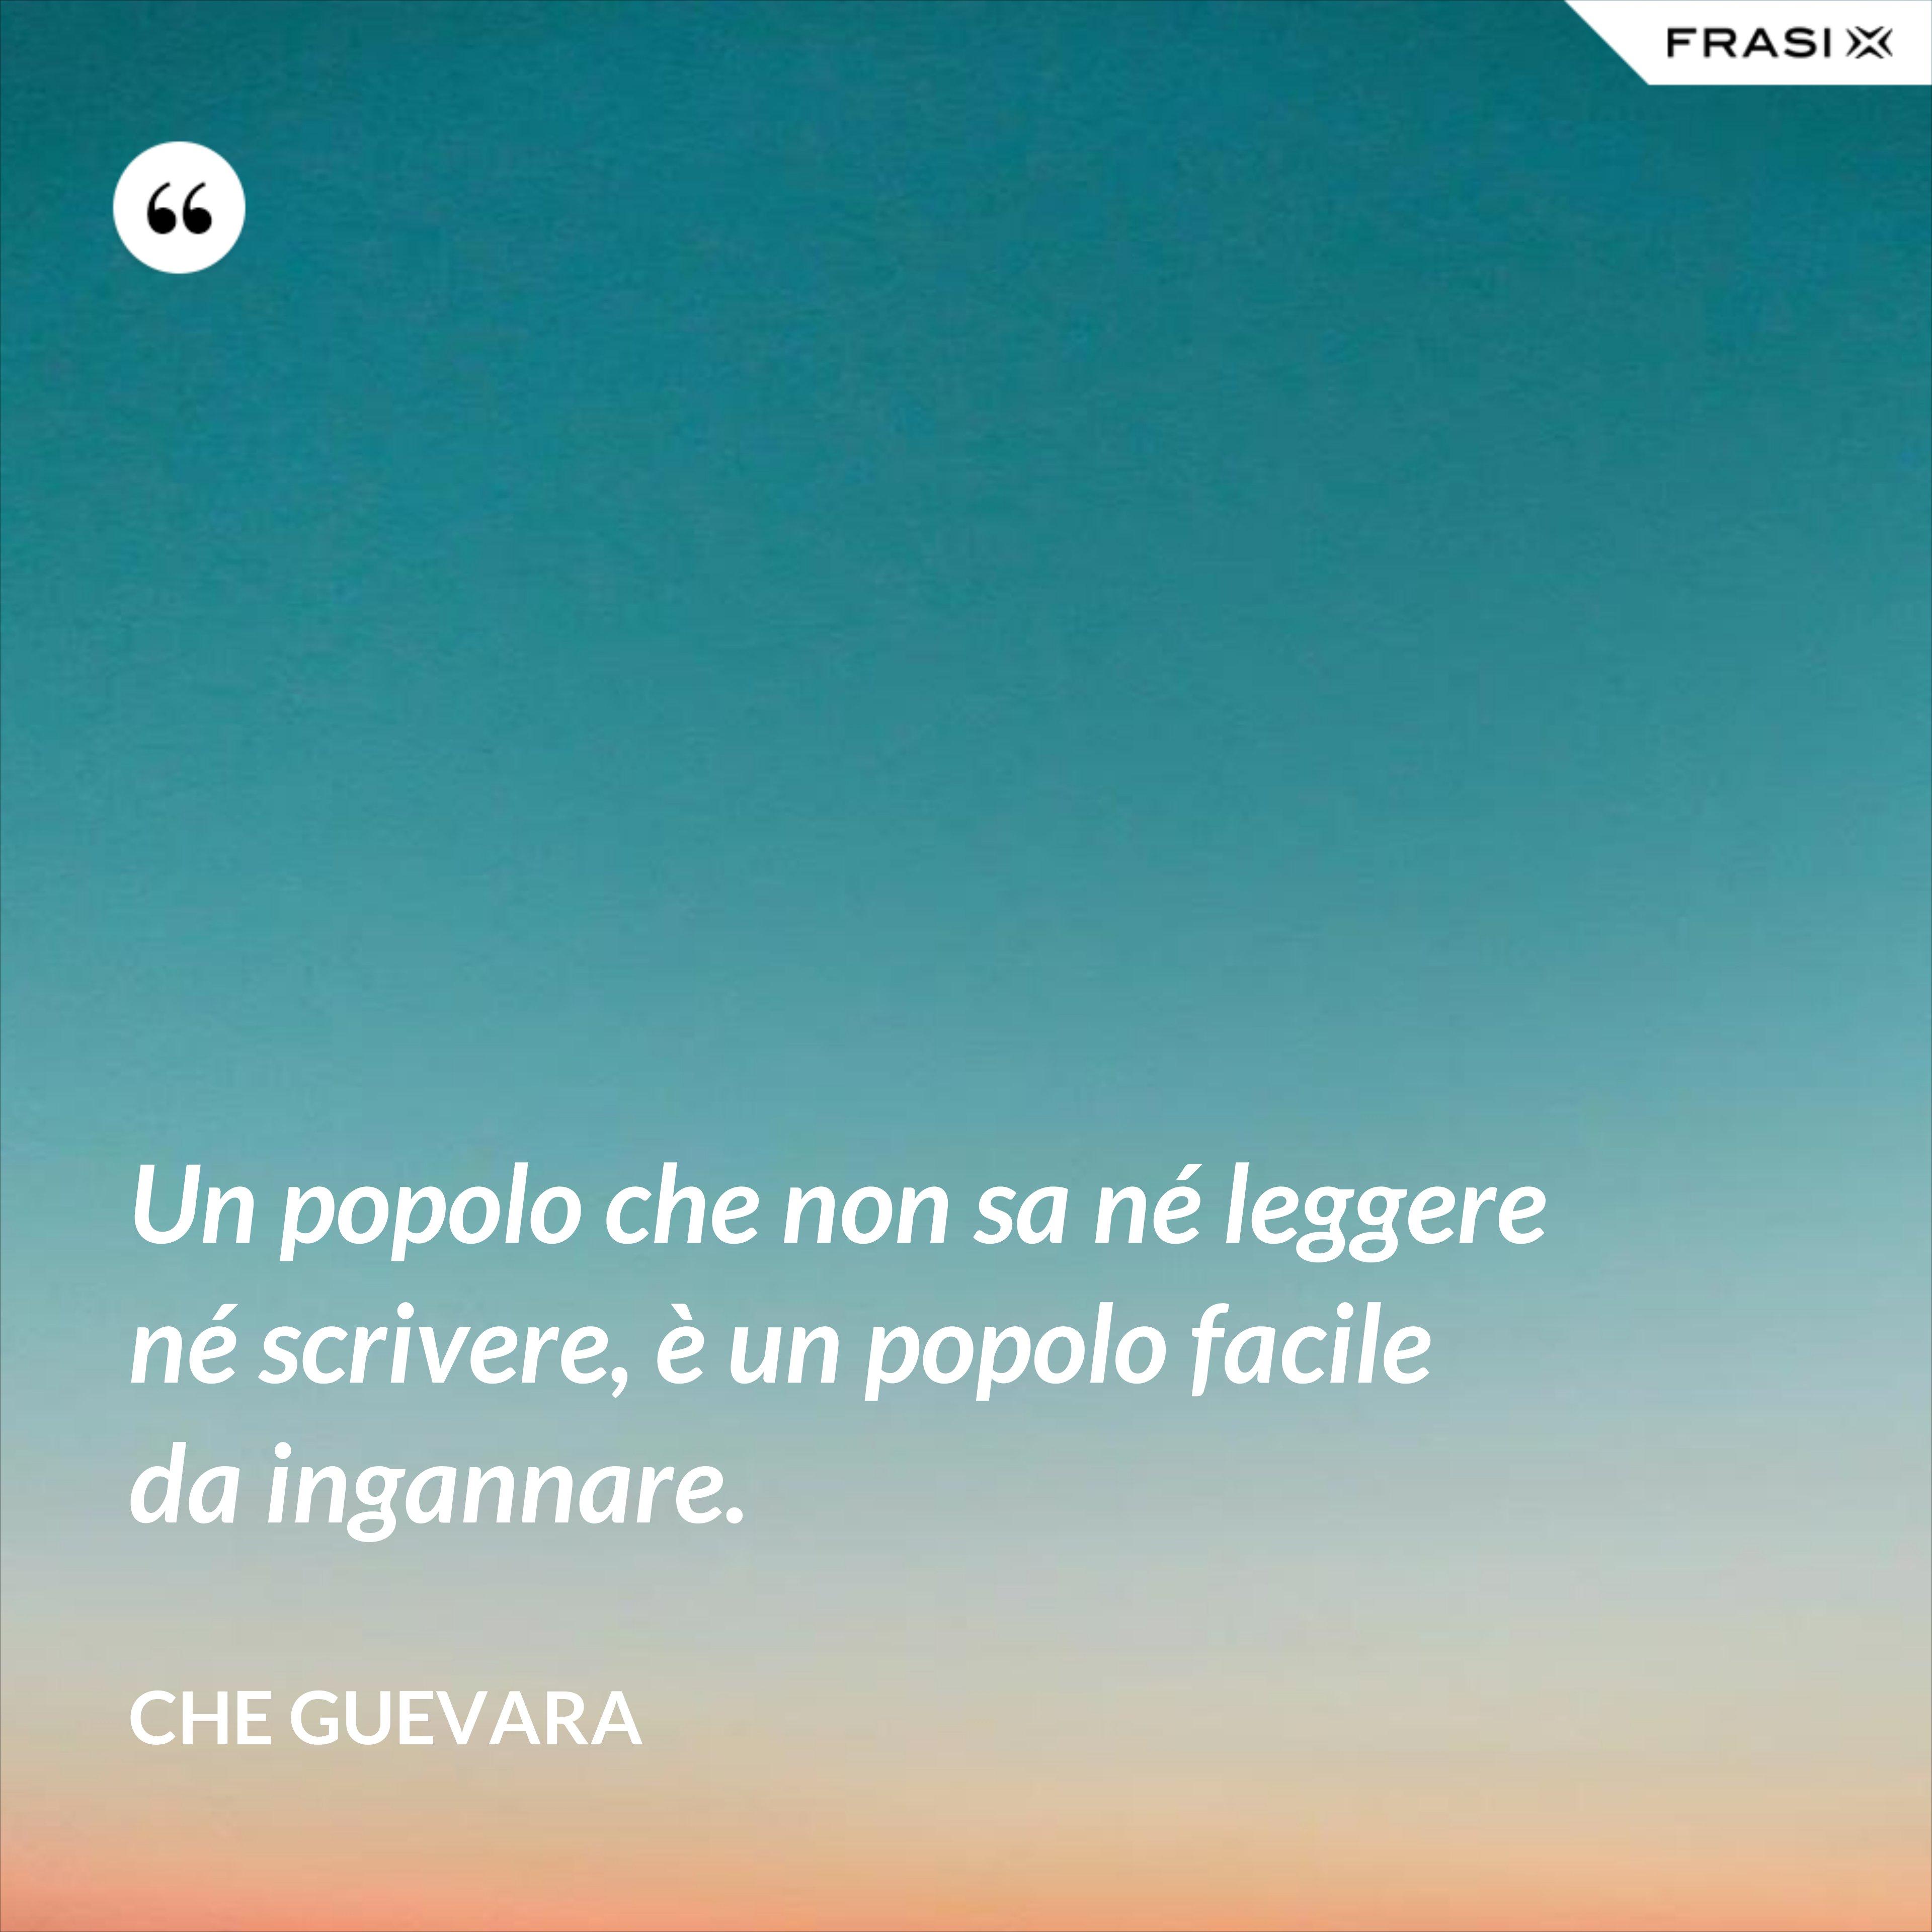 Un popolo che non sa né leggere né scrivere, è un popolo facile da ingannare. - Che Guevara